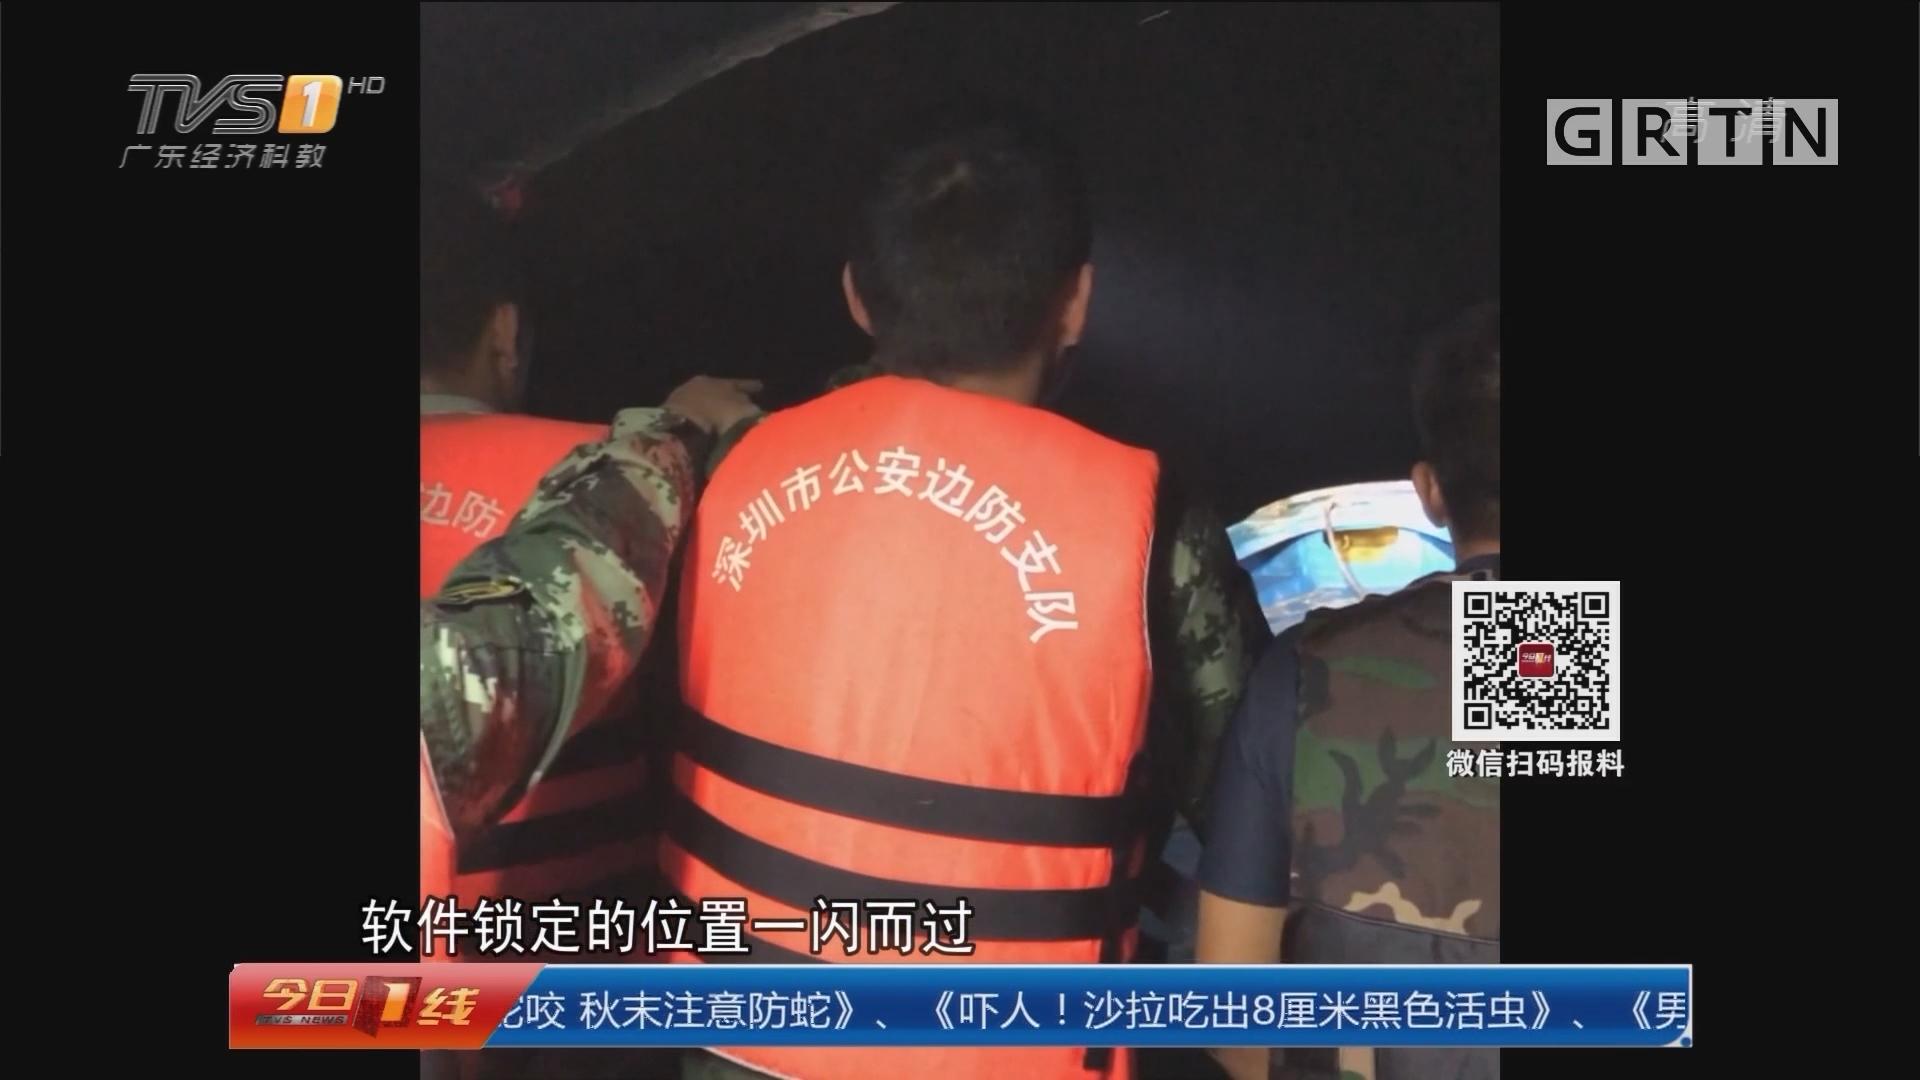 深圳:两人钓鱼被困 边防官兵定位救援